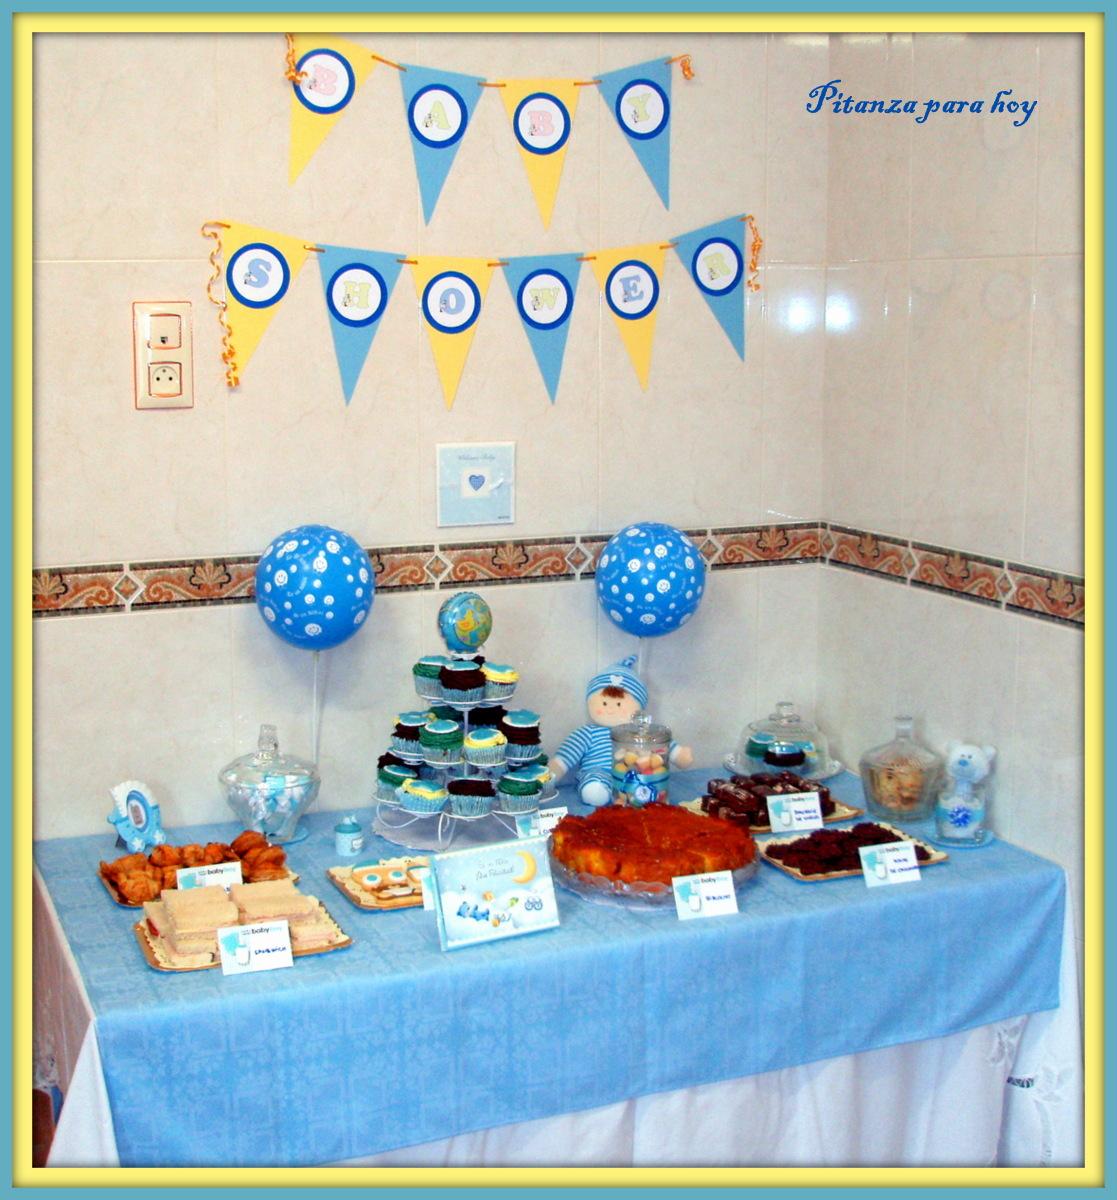 Pitanza para hoy: Cómo organizar una Fiesta de Baby Shower: La